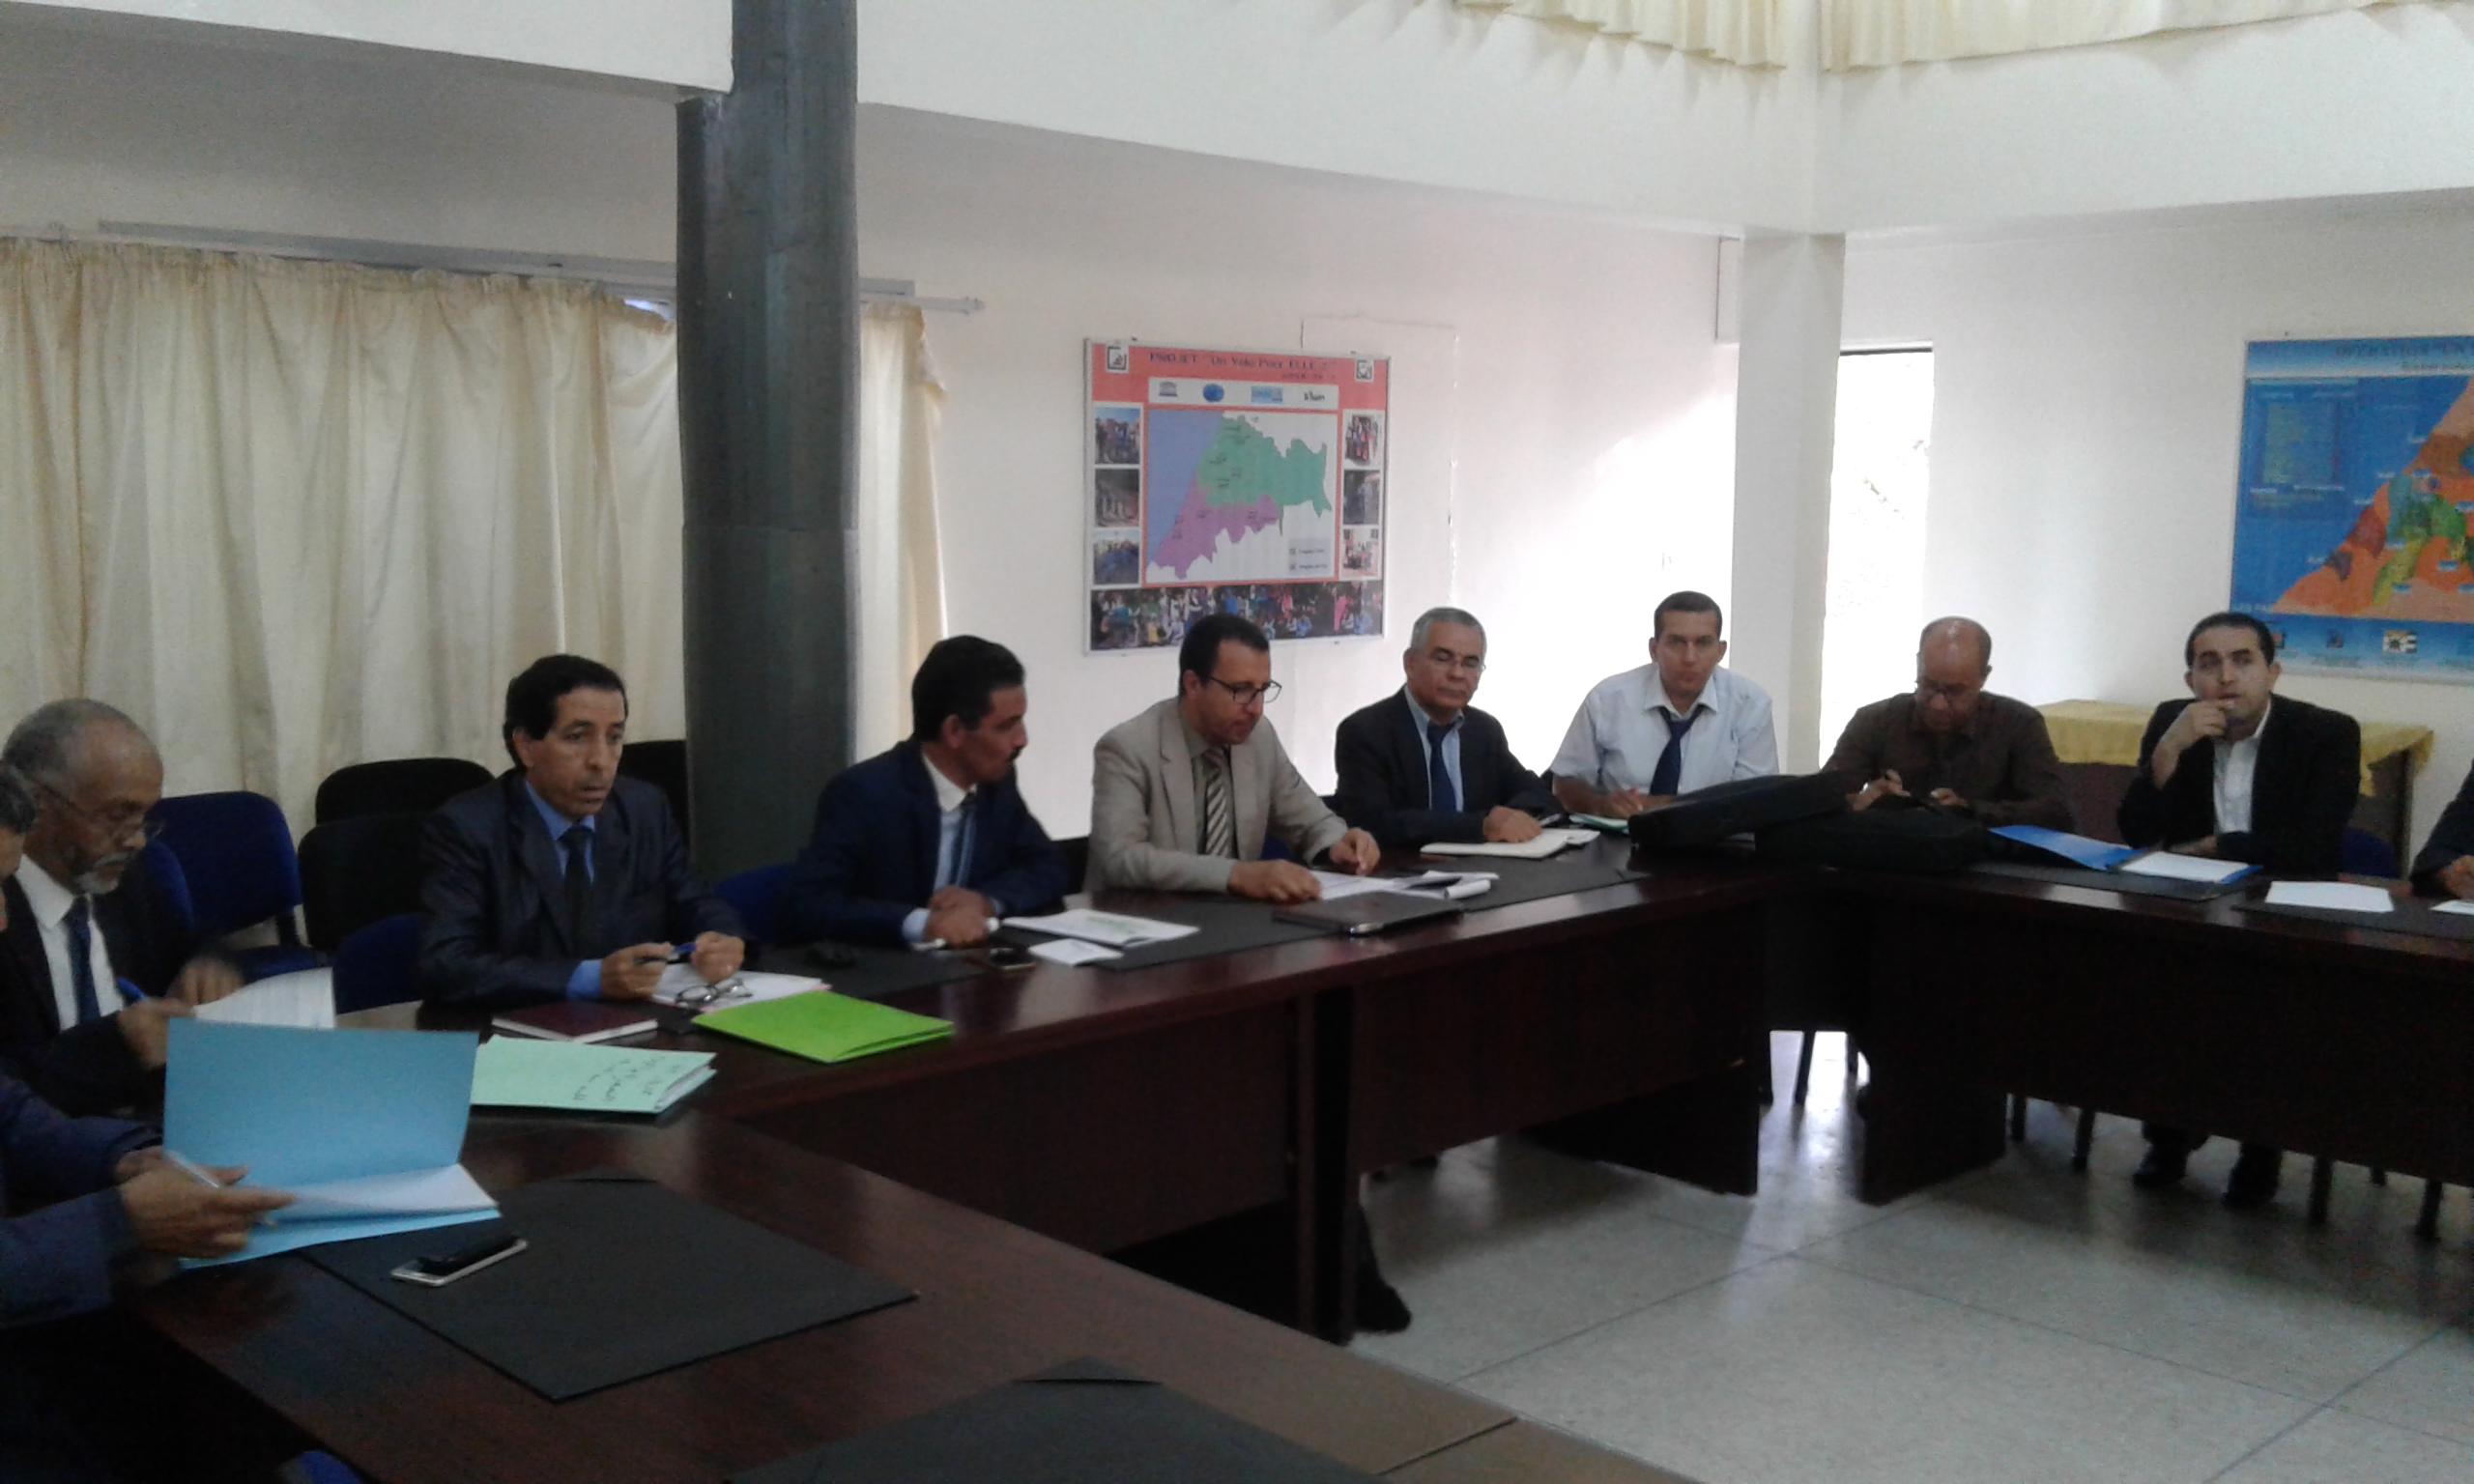 لجنة مركزية تابعة لوزارة التربية الوطنية في زيارة عمل للمديرية الاقليمية بتيزنيت